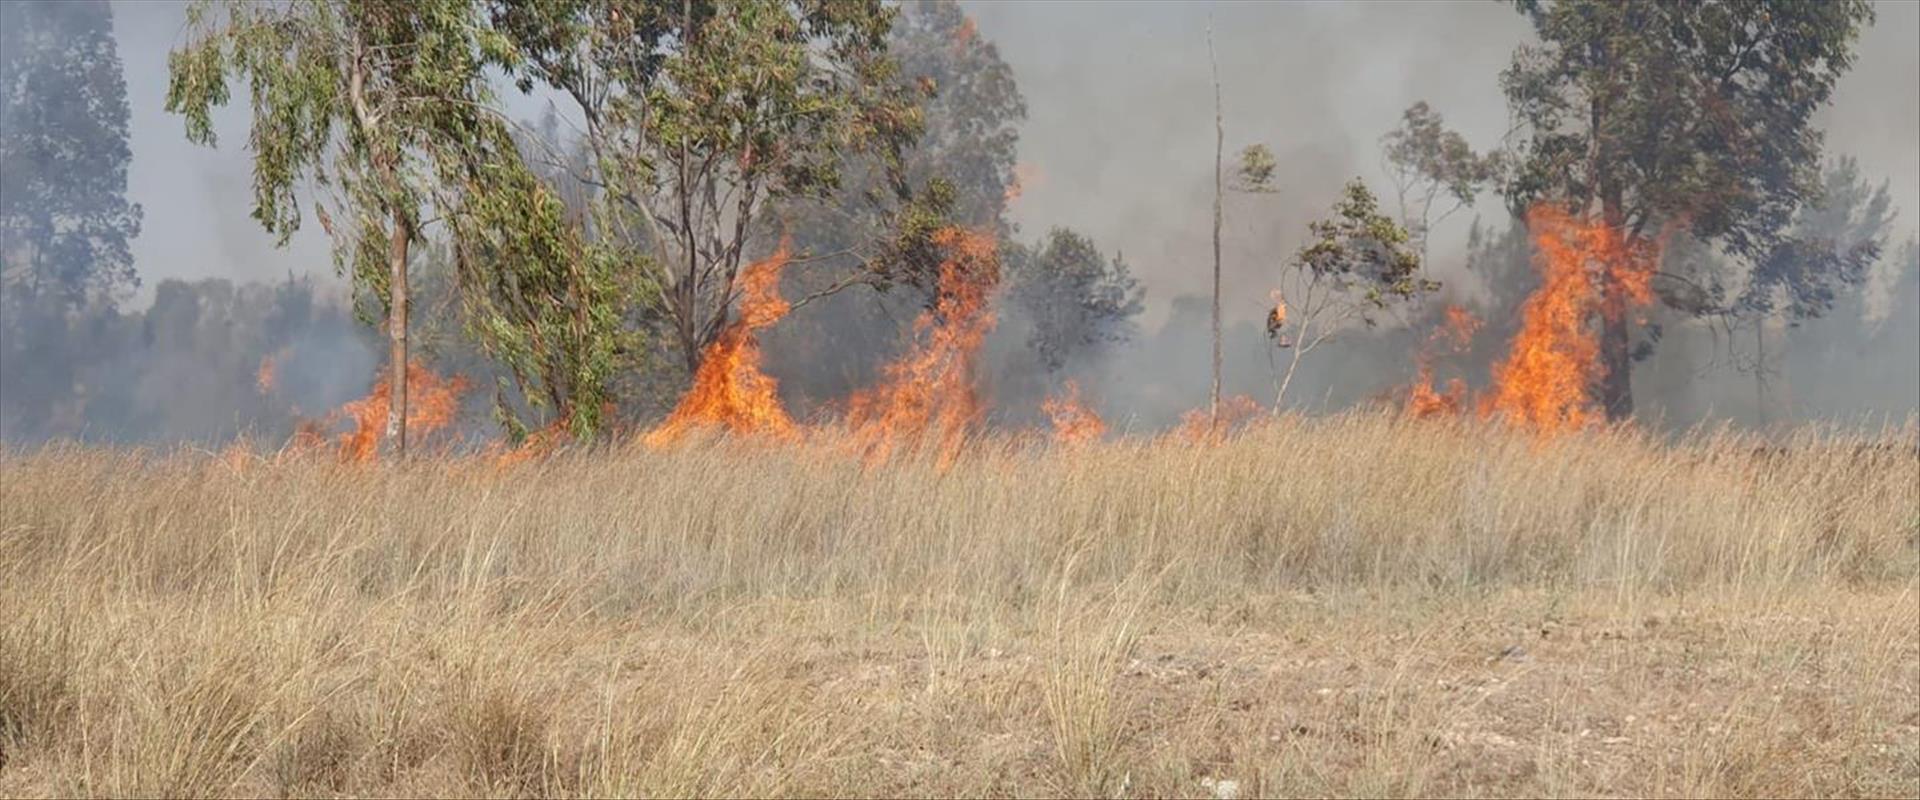 שריפה בבארי כתוצאה מבלוני תבערה